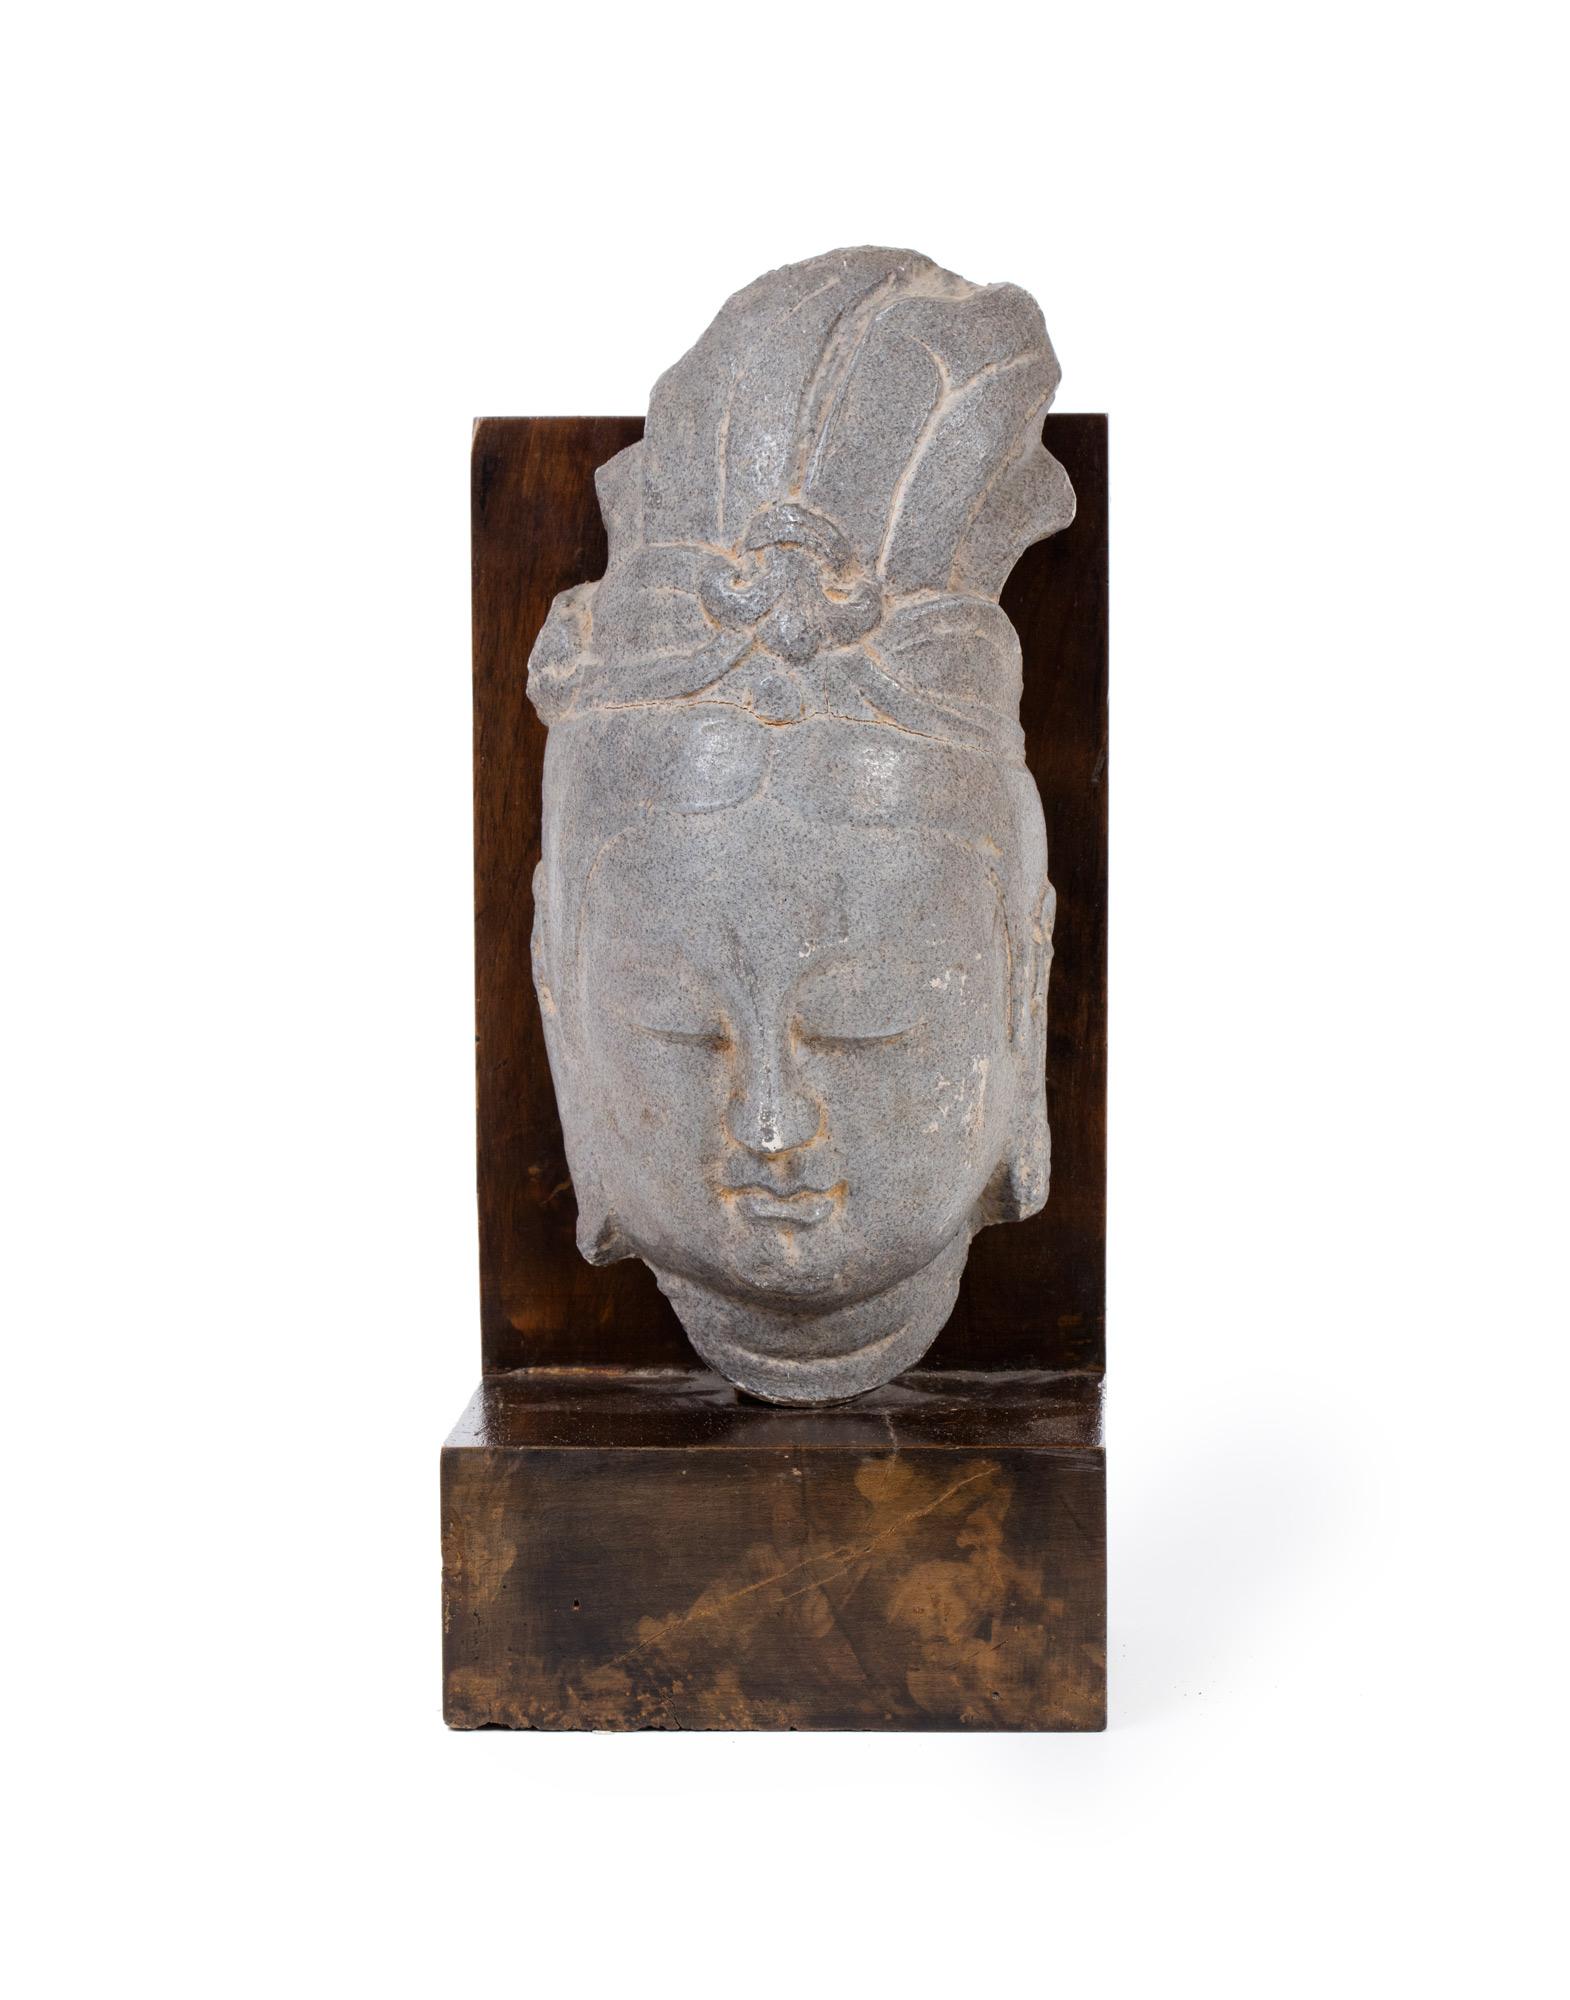 Antica testa orientale in pietra grigia